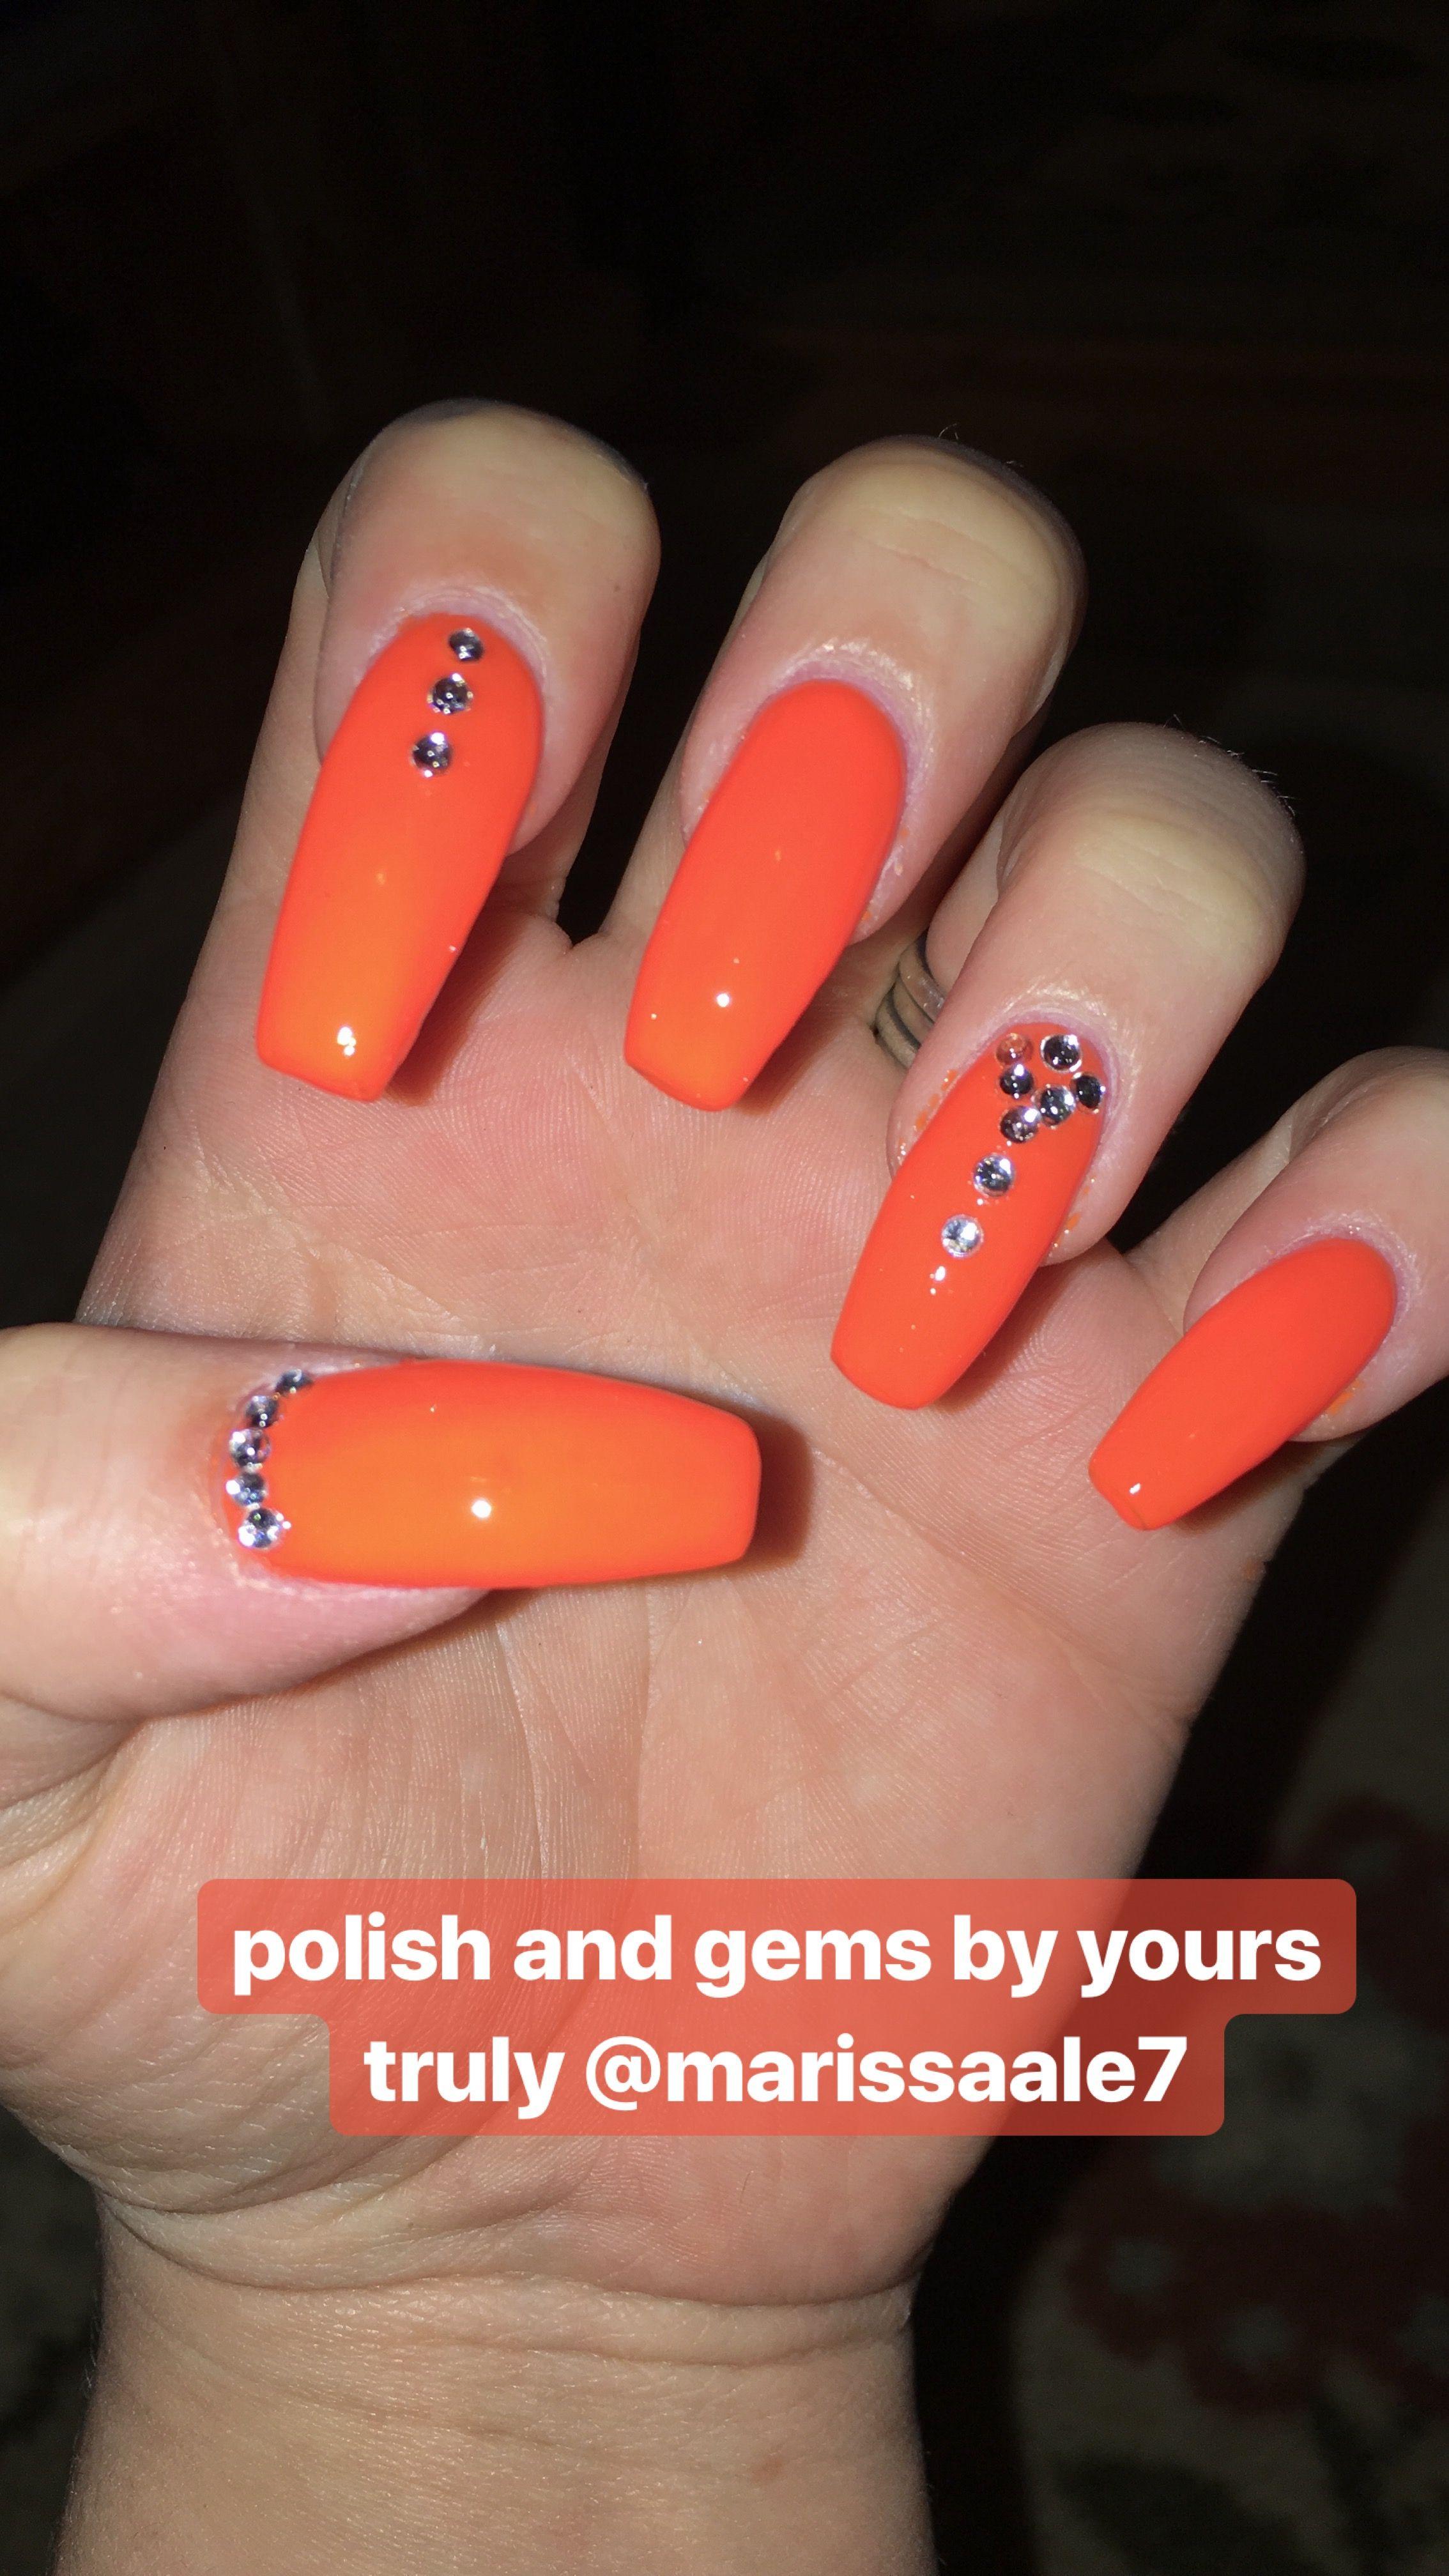 Spring Nails Orange Long Acrylics Gems Crystals Nail Idea 2018 Orange Acrylic Nails Cute Spring Nails Orange Nails